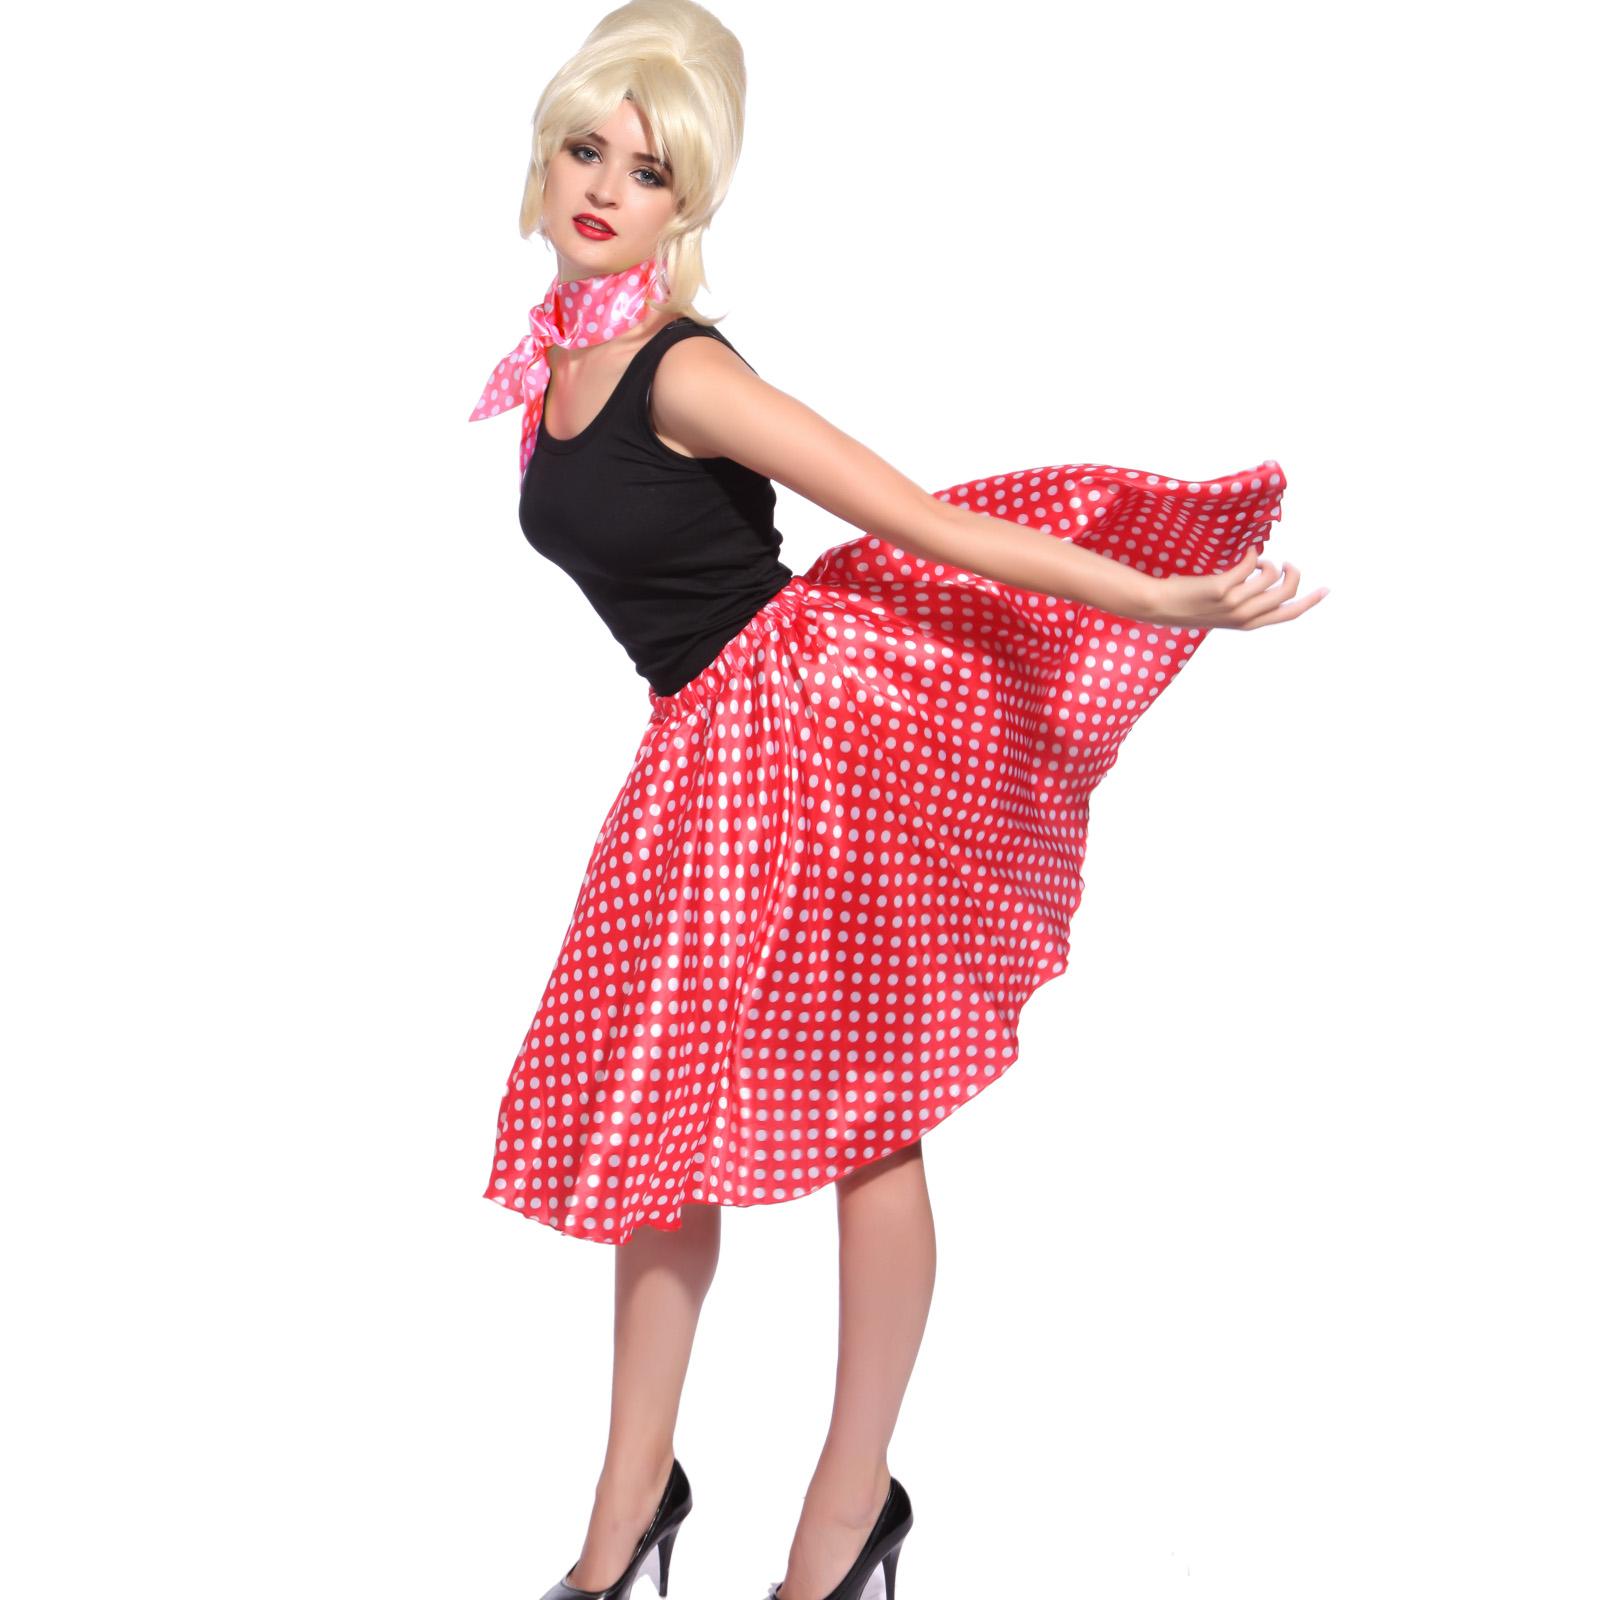 Ladies Girls Polka Dot Rock N Roll Poodle Skirt 1950s ...